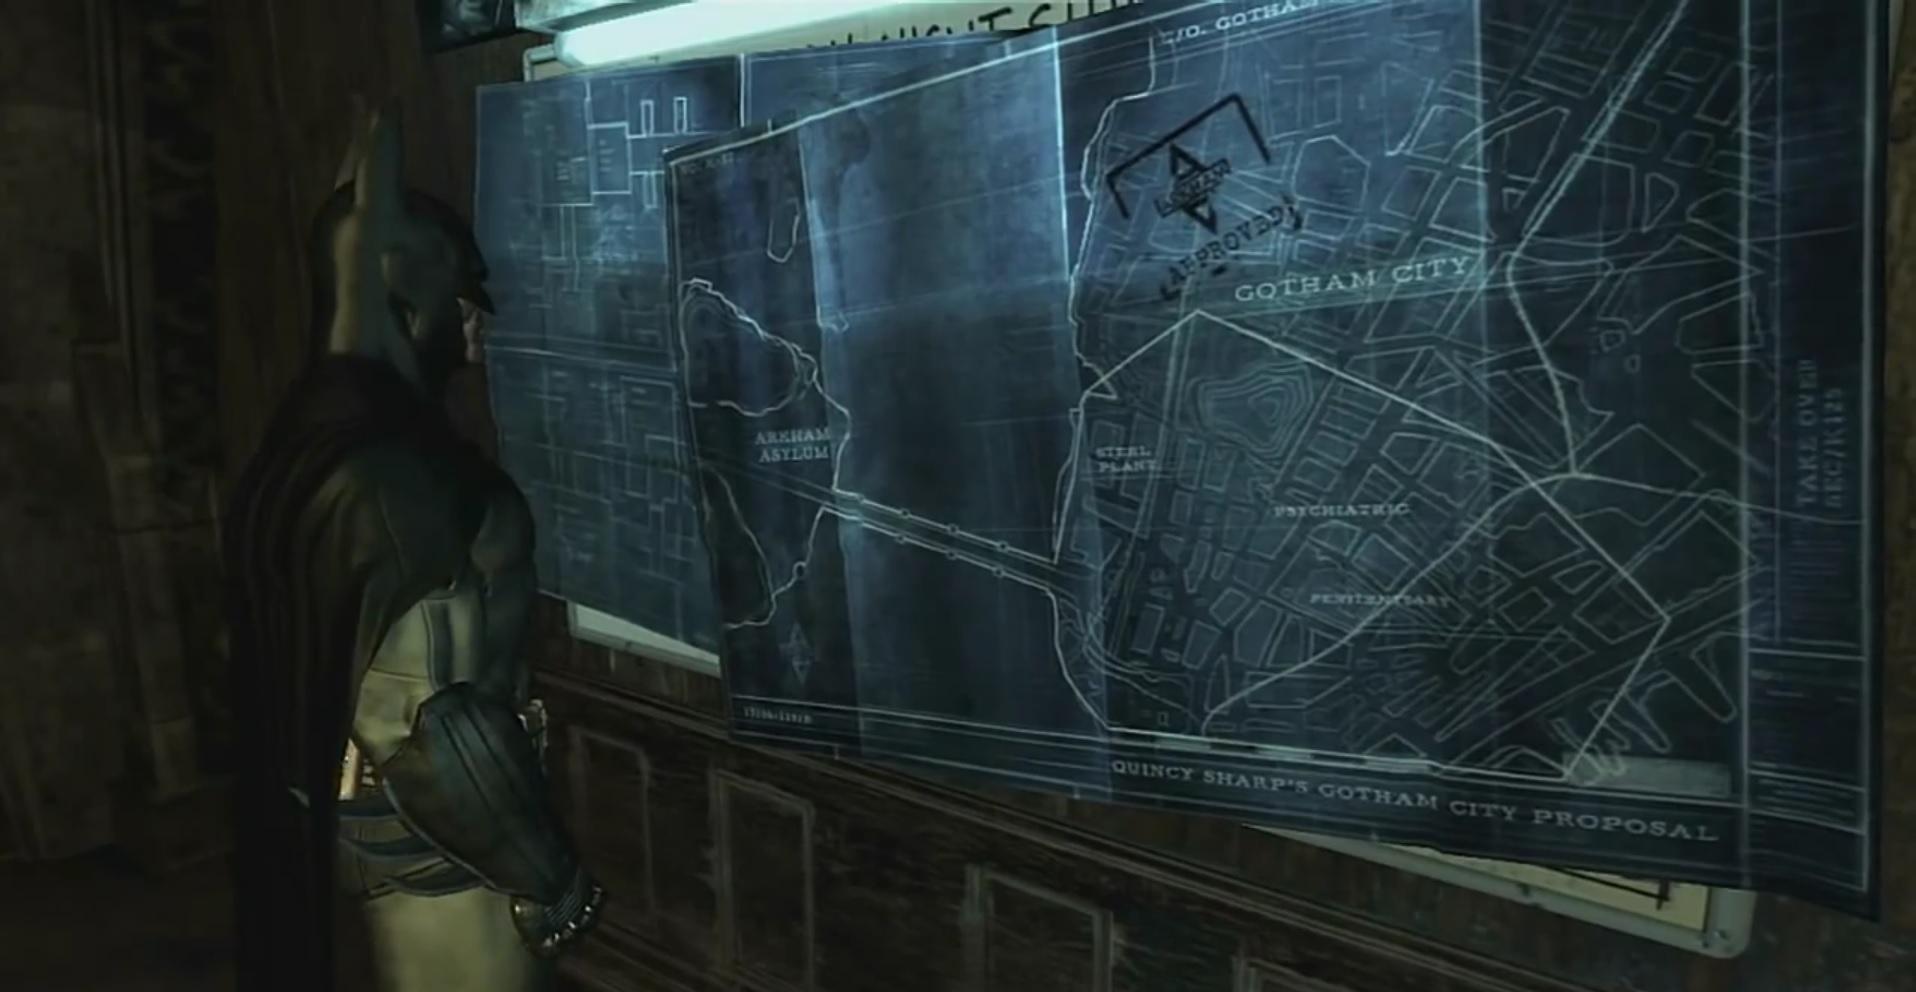 batman Arkham asylum arkham city easter egg